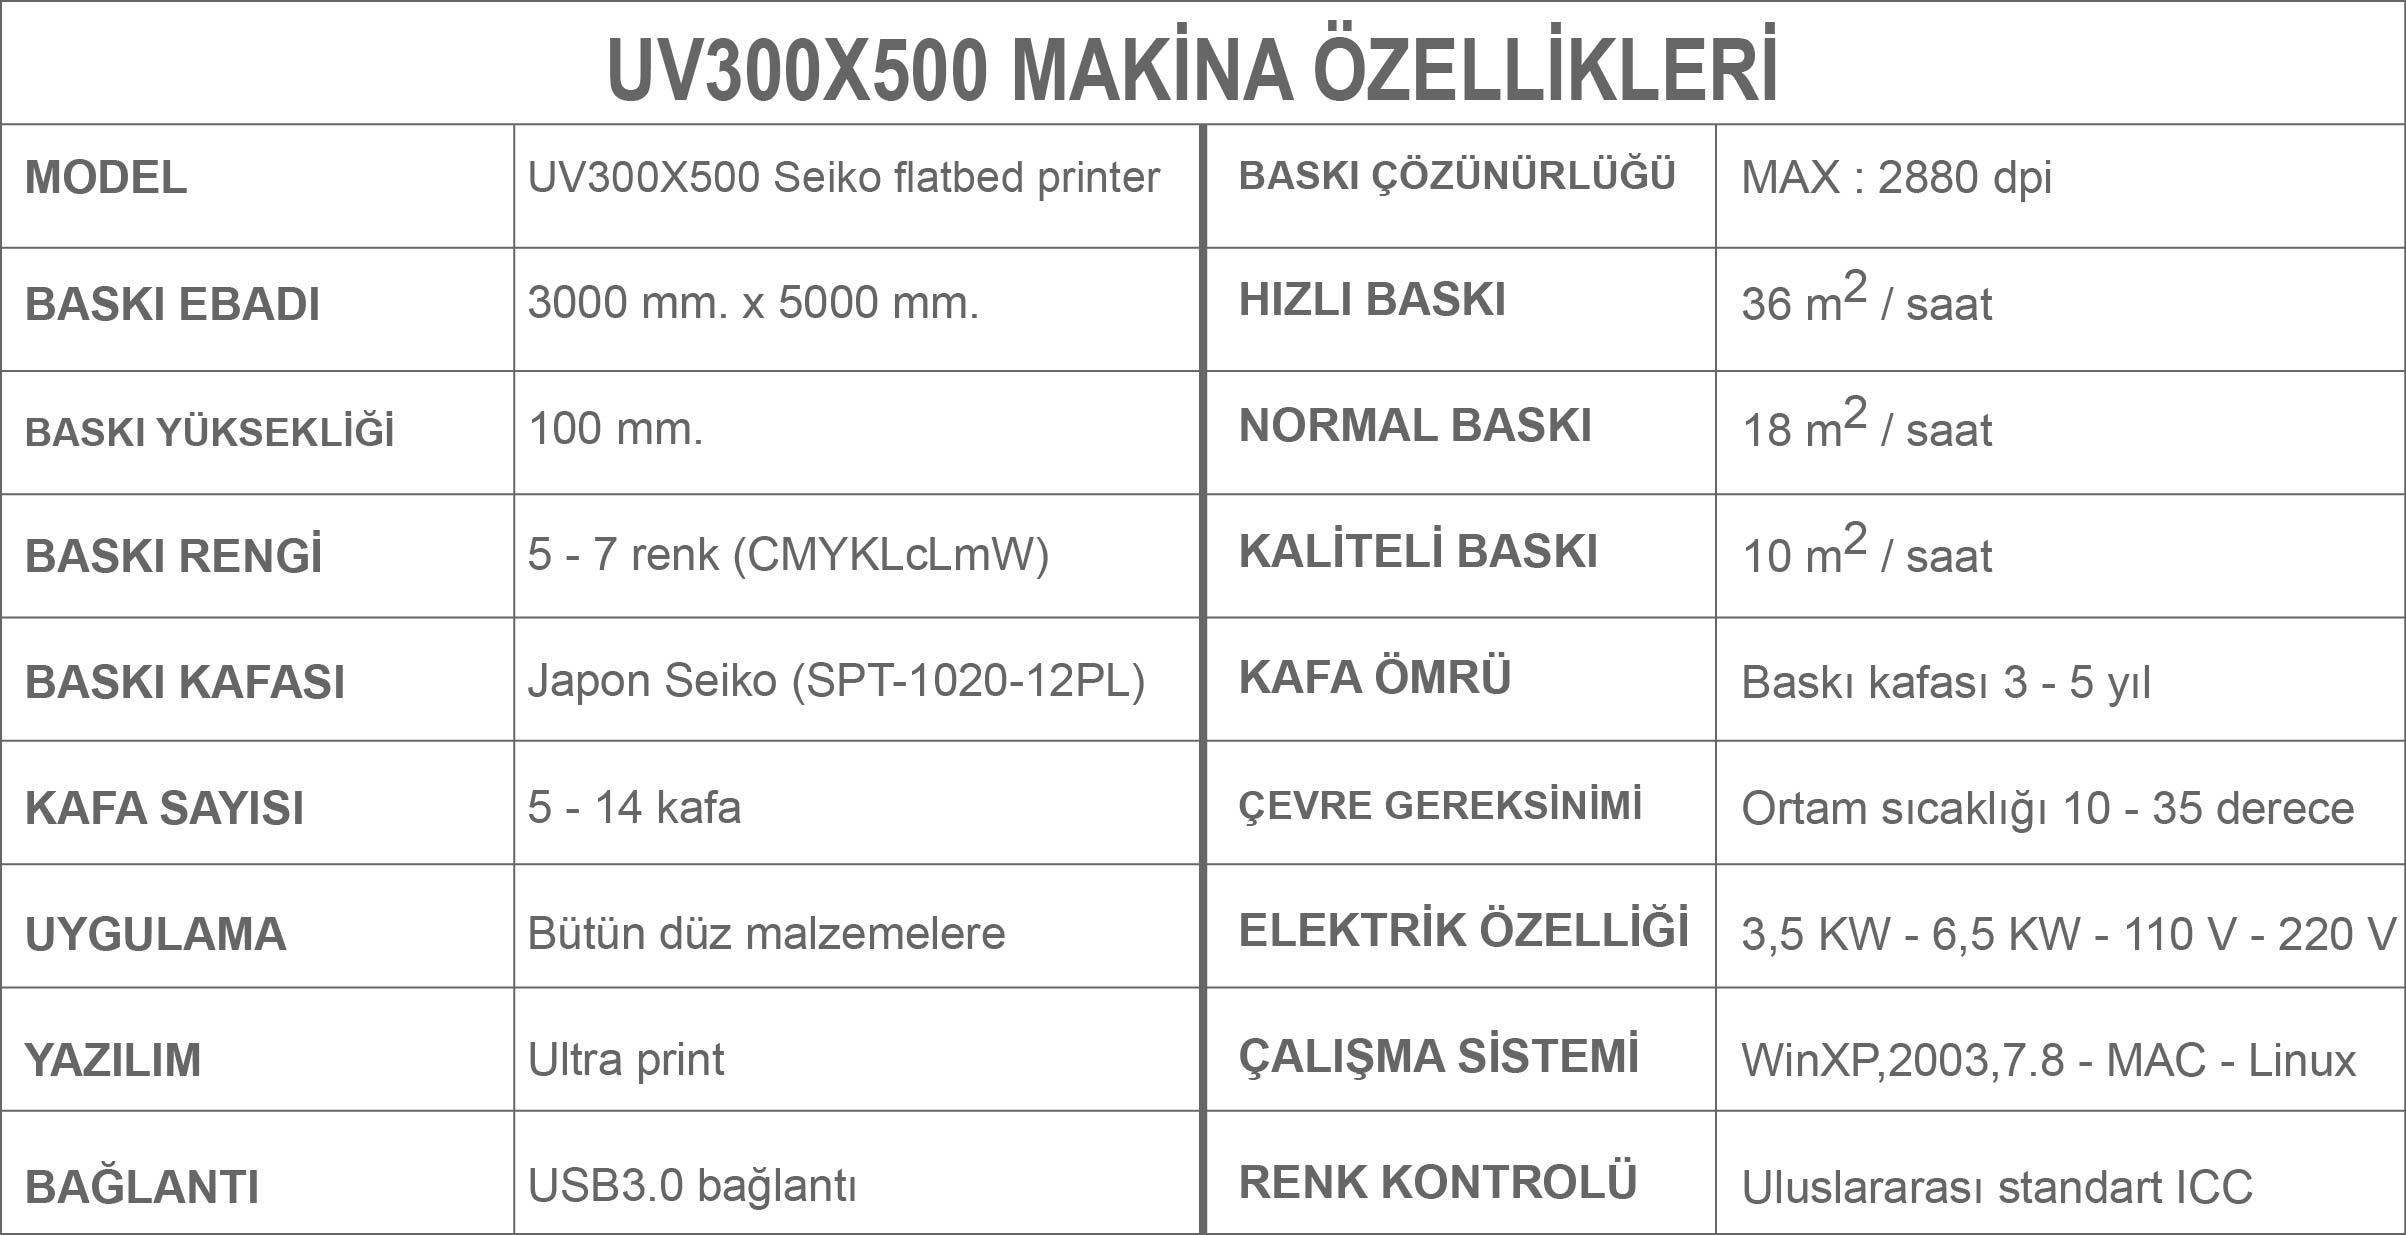 UV300X500 BASKI MAKİNA